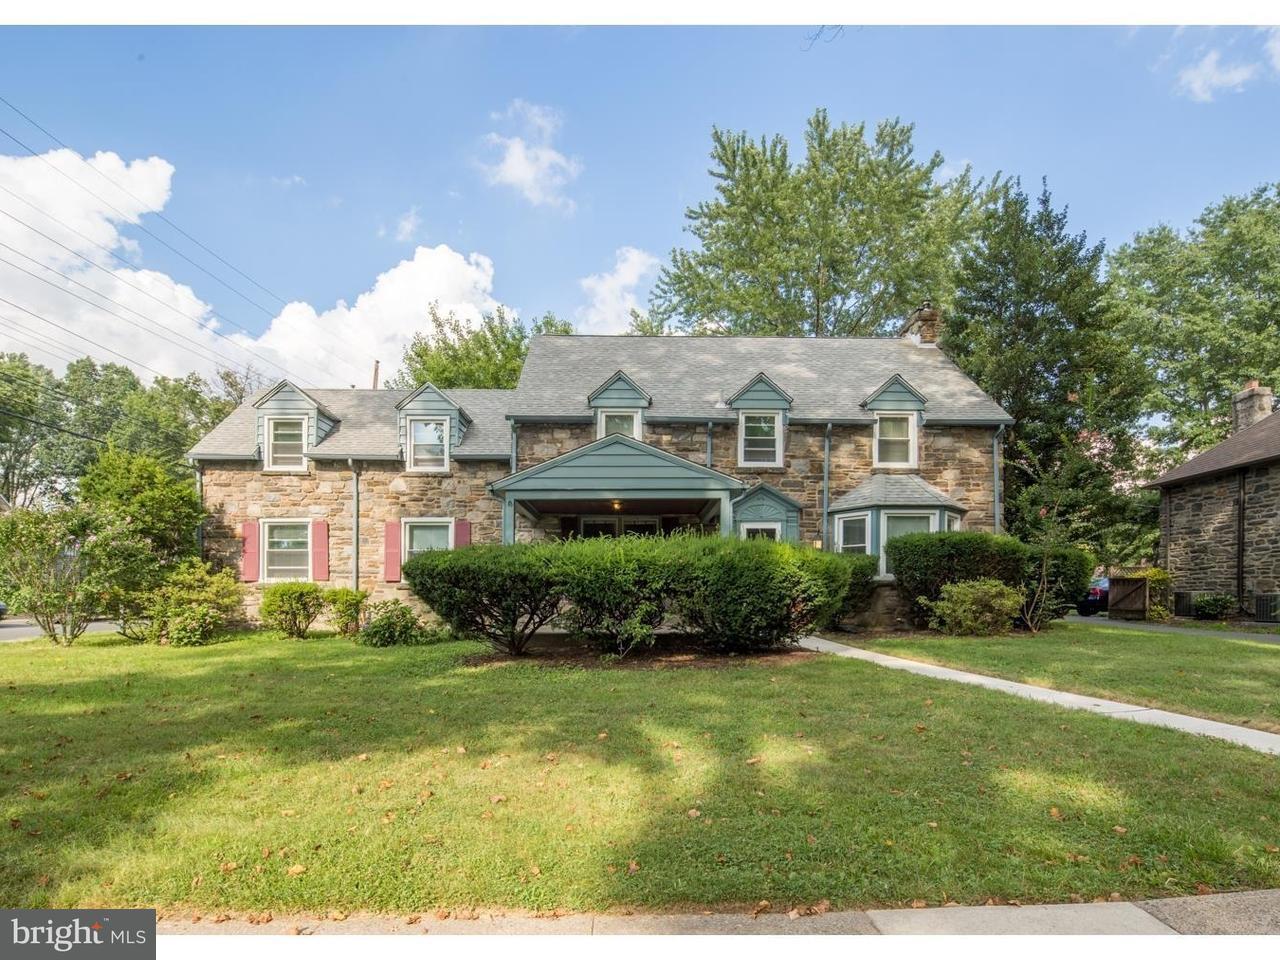 Частный односемейный дом для того Аренда на 1241 LINDALE Avenue Upper Darby, Пенсильвания 19026 Соединенные Штаты